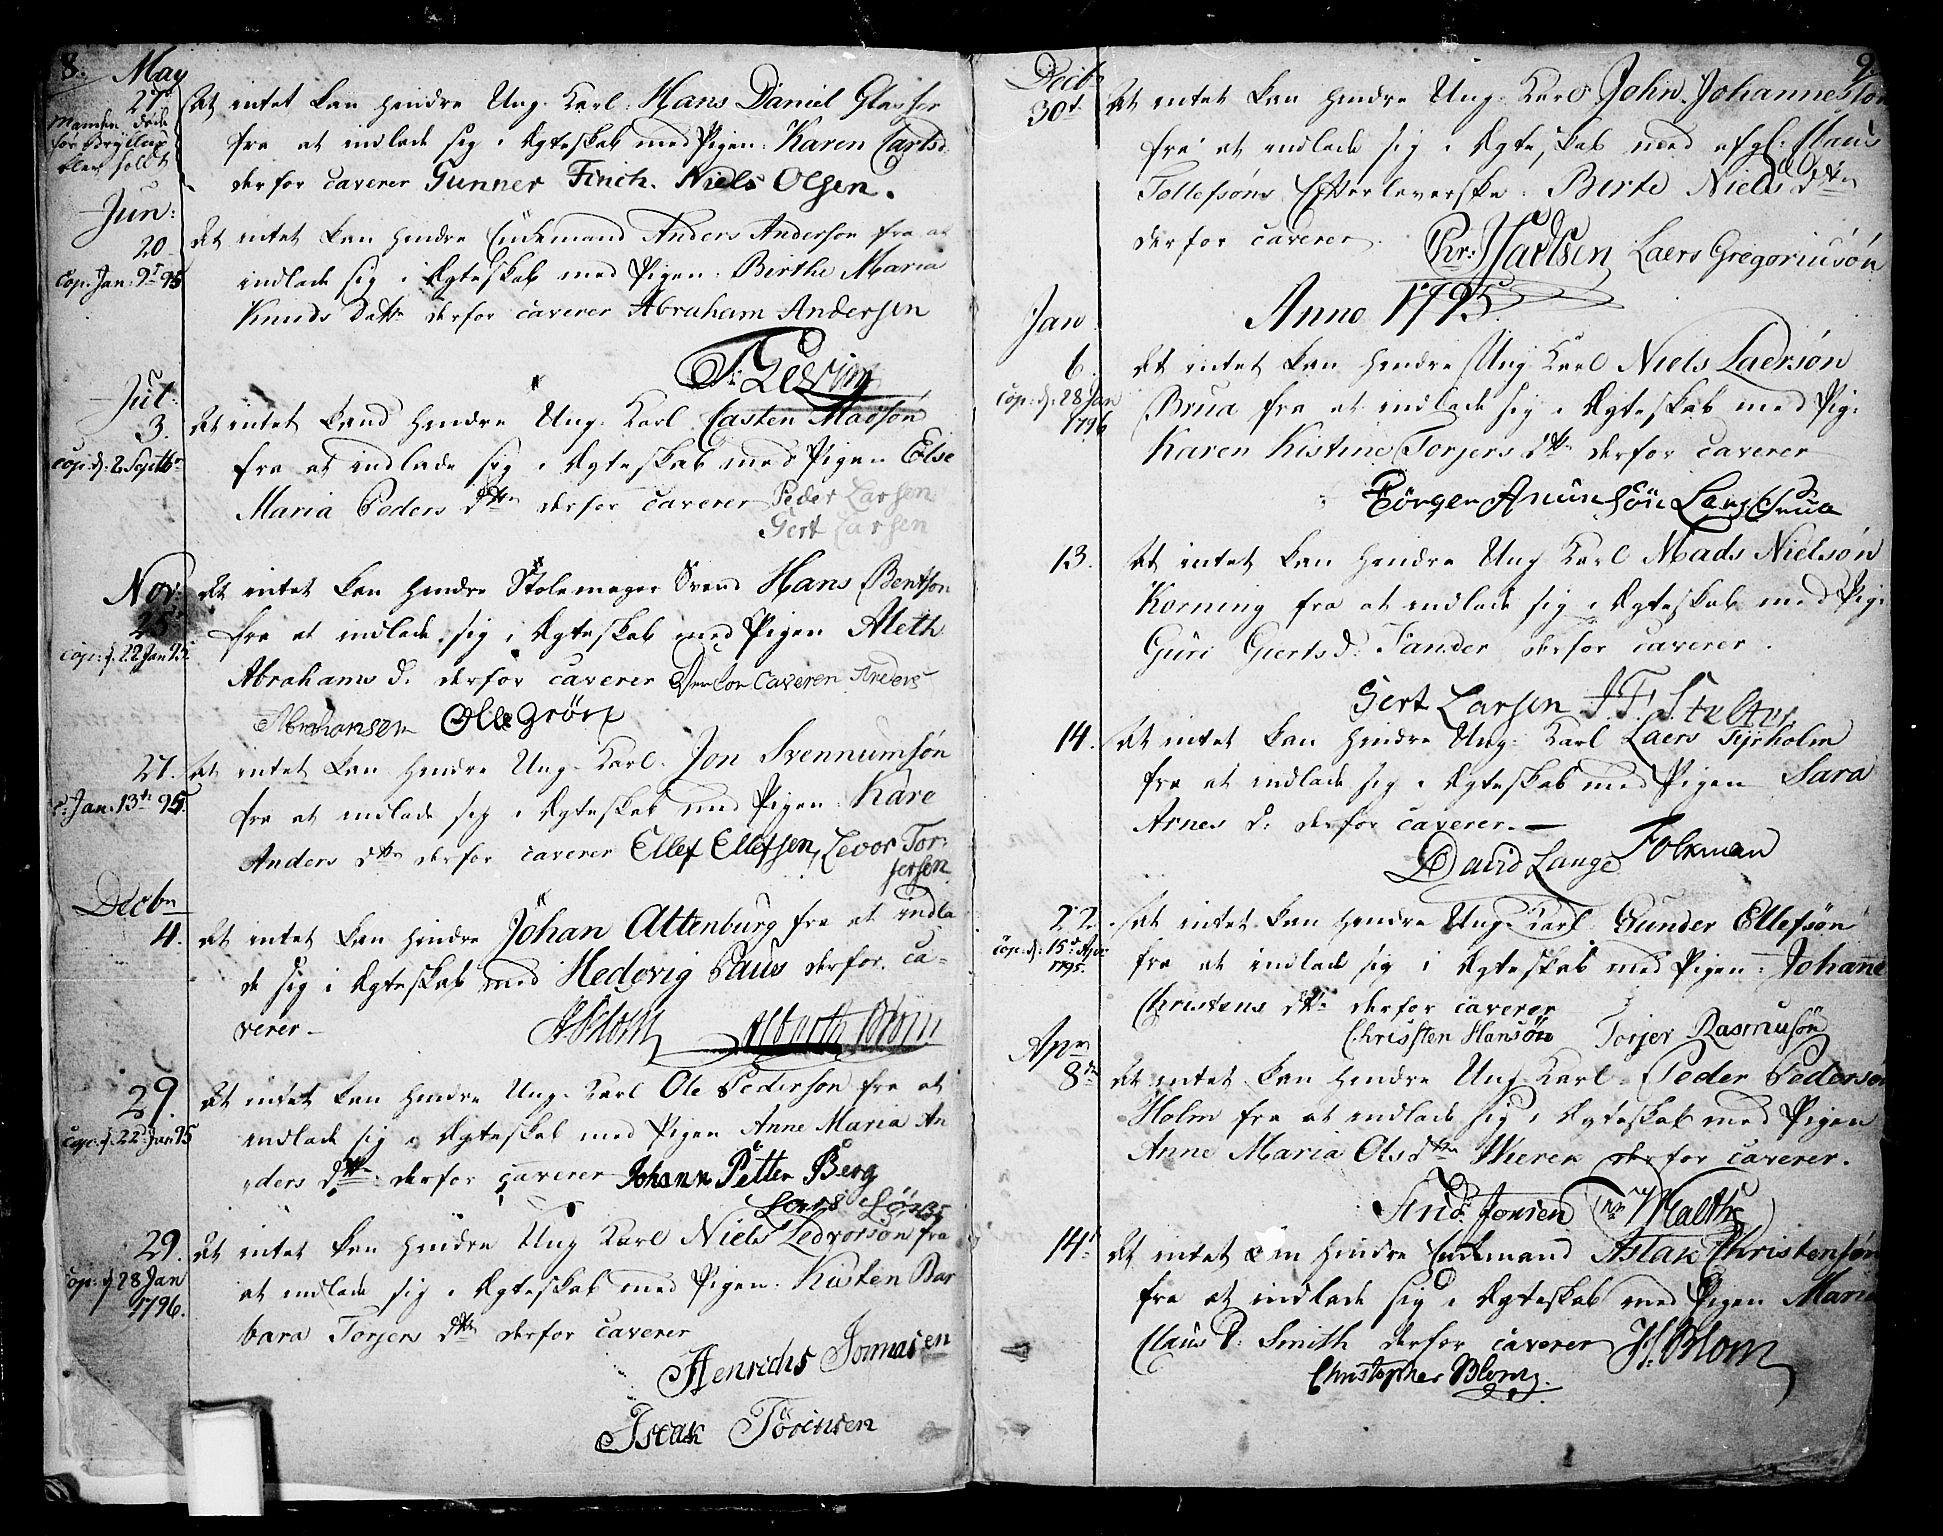 SAKO, Skien kirkebøker, F/Fa/L0004: Ministerialbok nr. 4, 1792-1814, s. 8-9